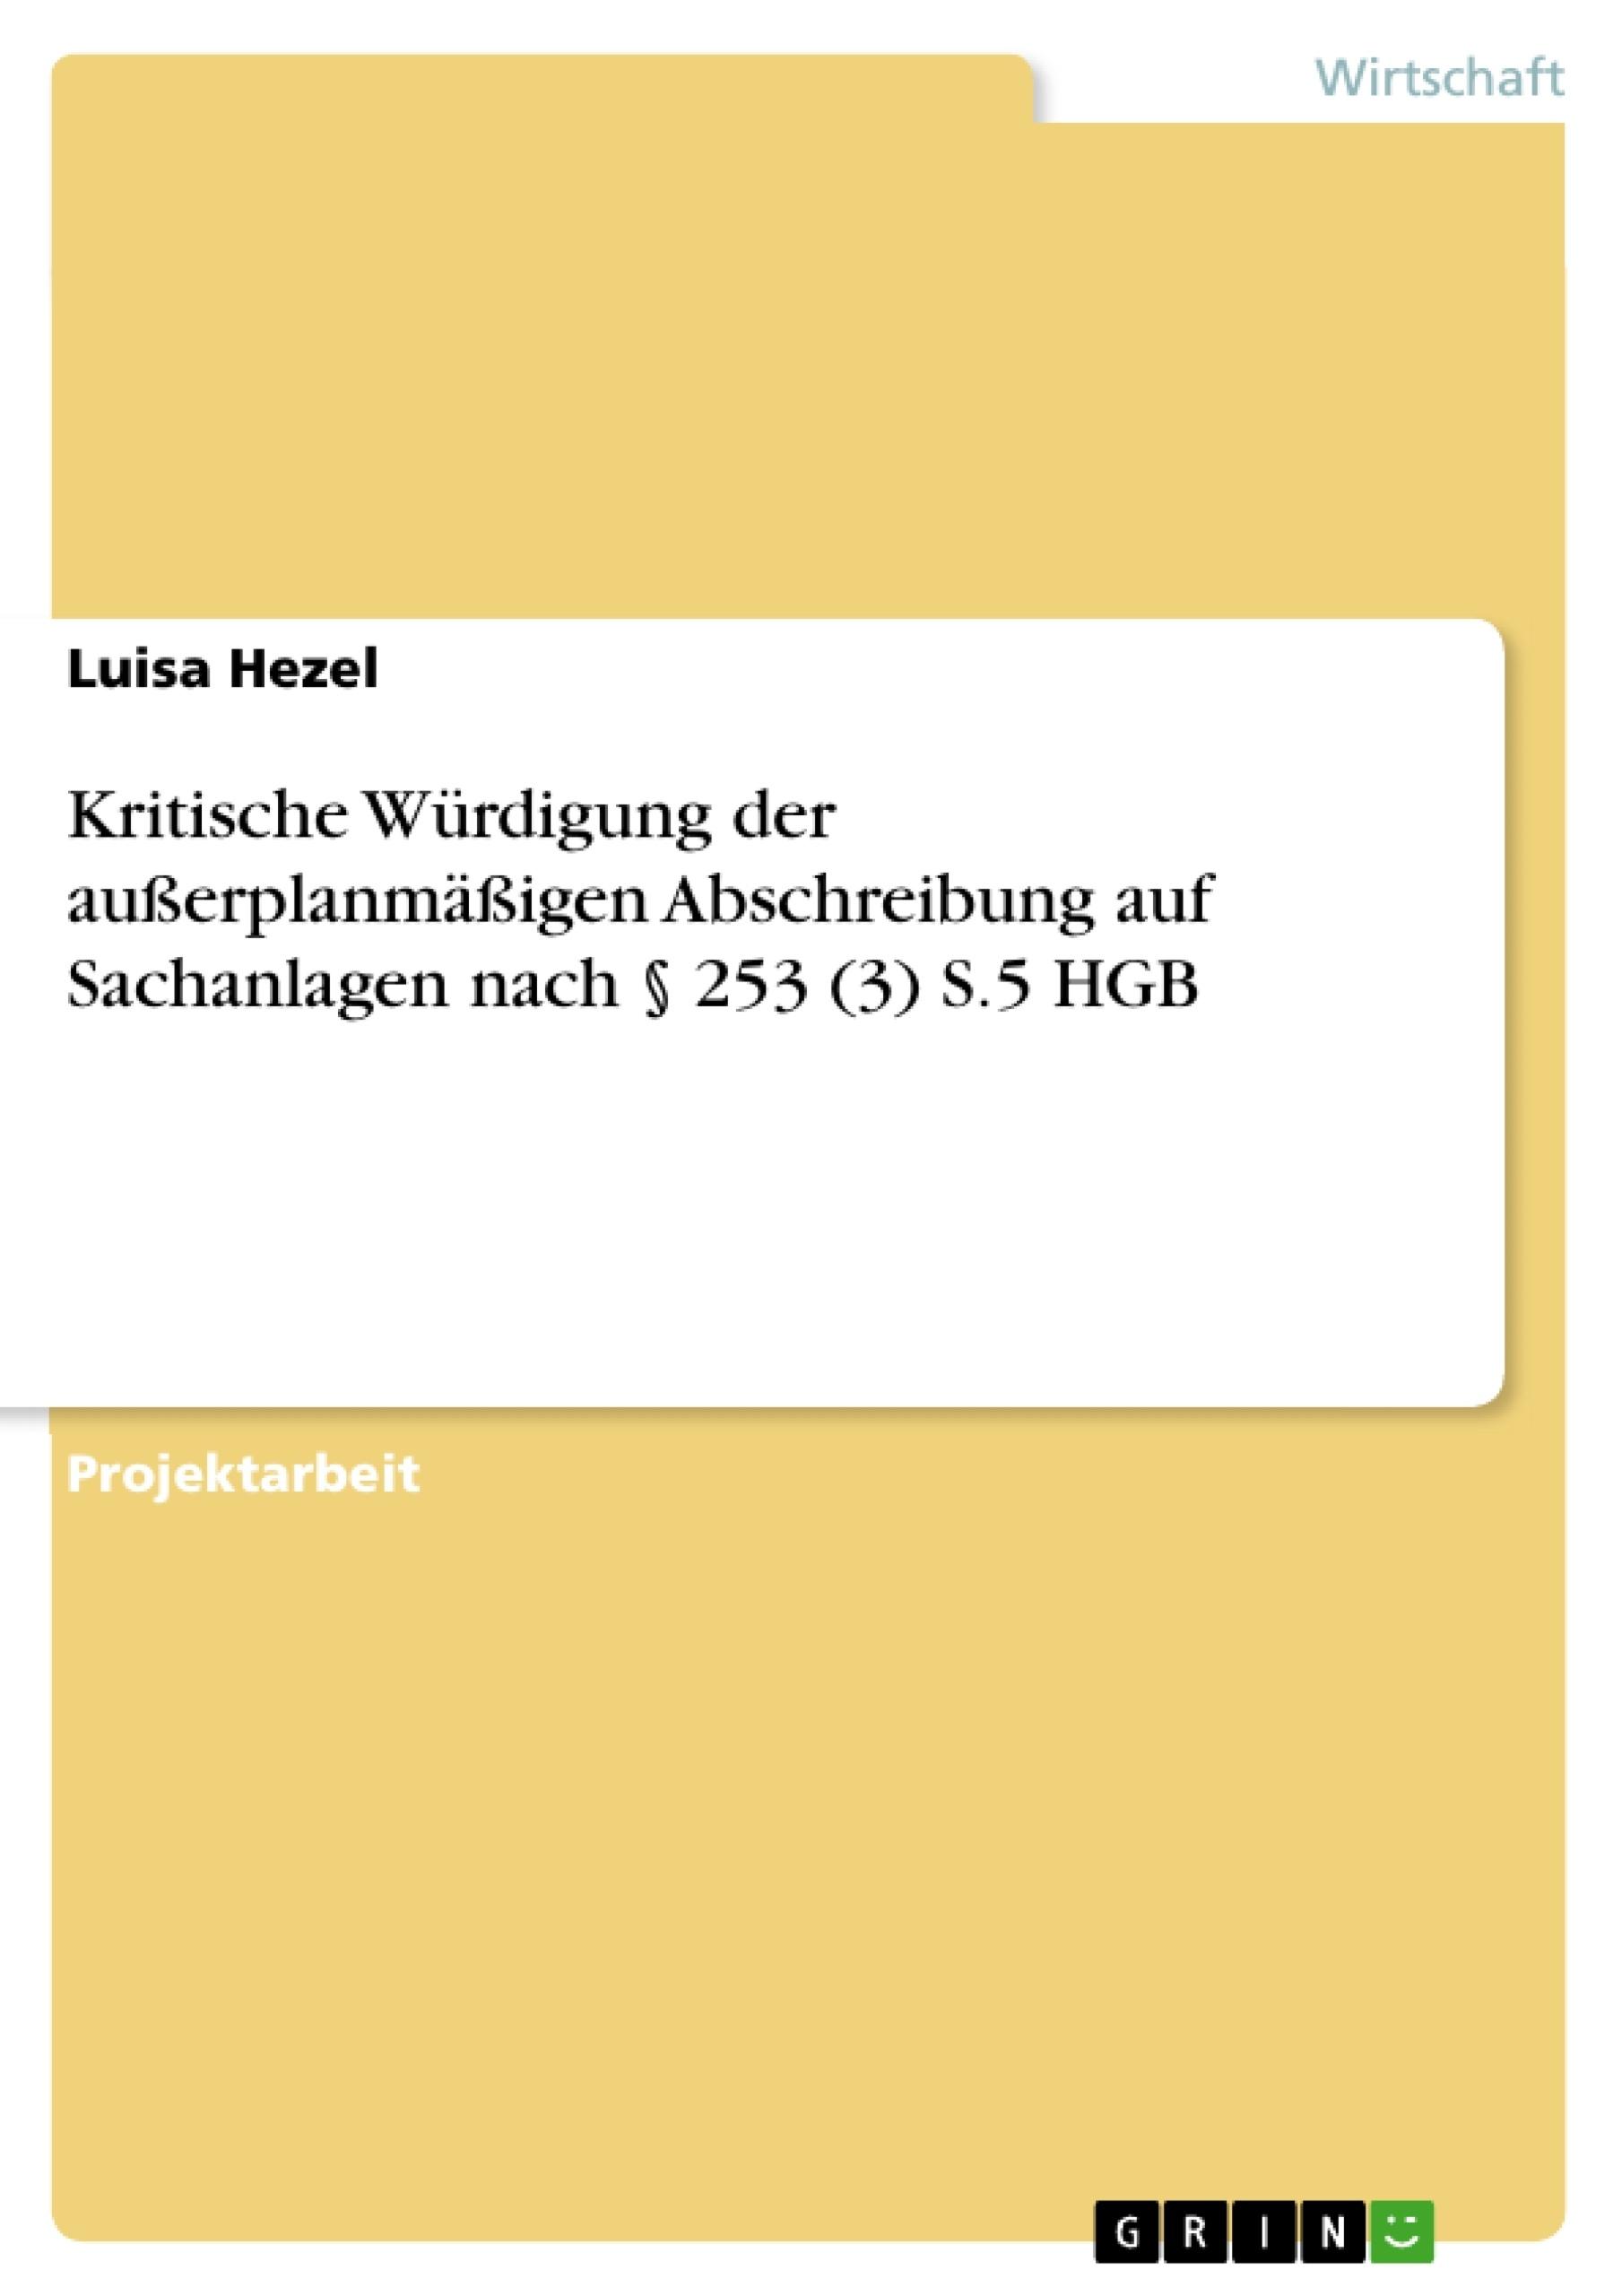 Titel: Kritische Würdigung der außerplanmäßigen Abschreibung auf Sachanlagen nach § 253 (3) S.5 HGB